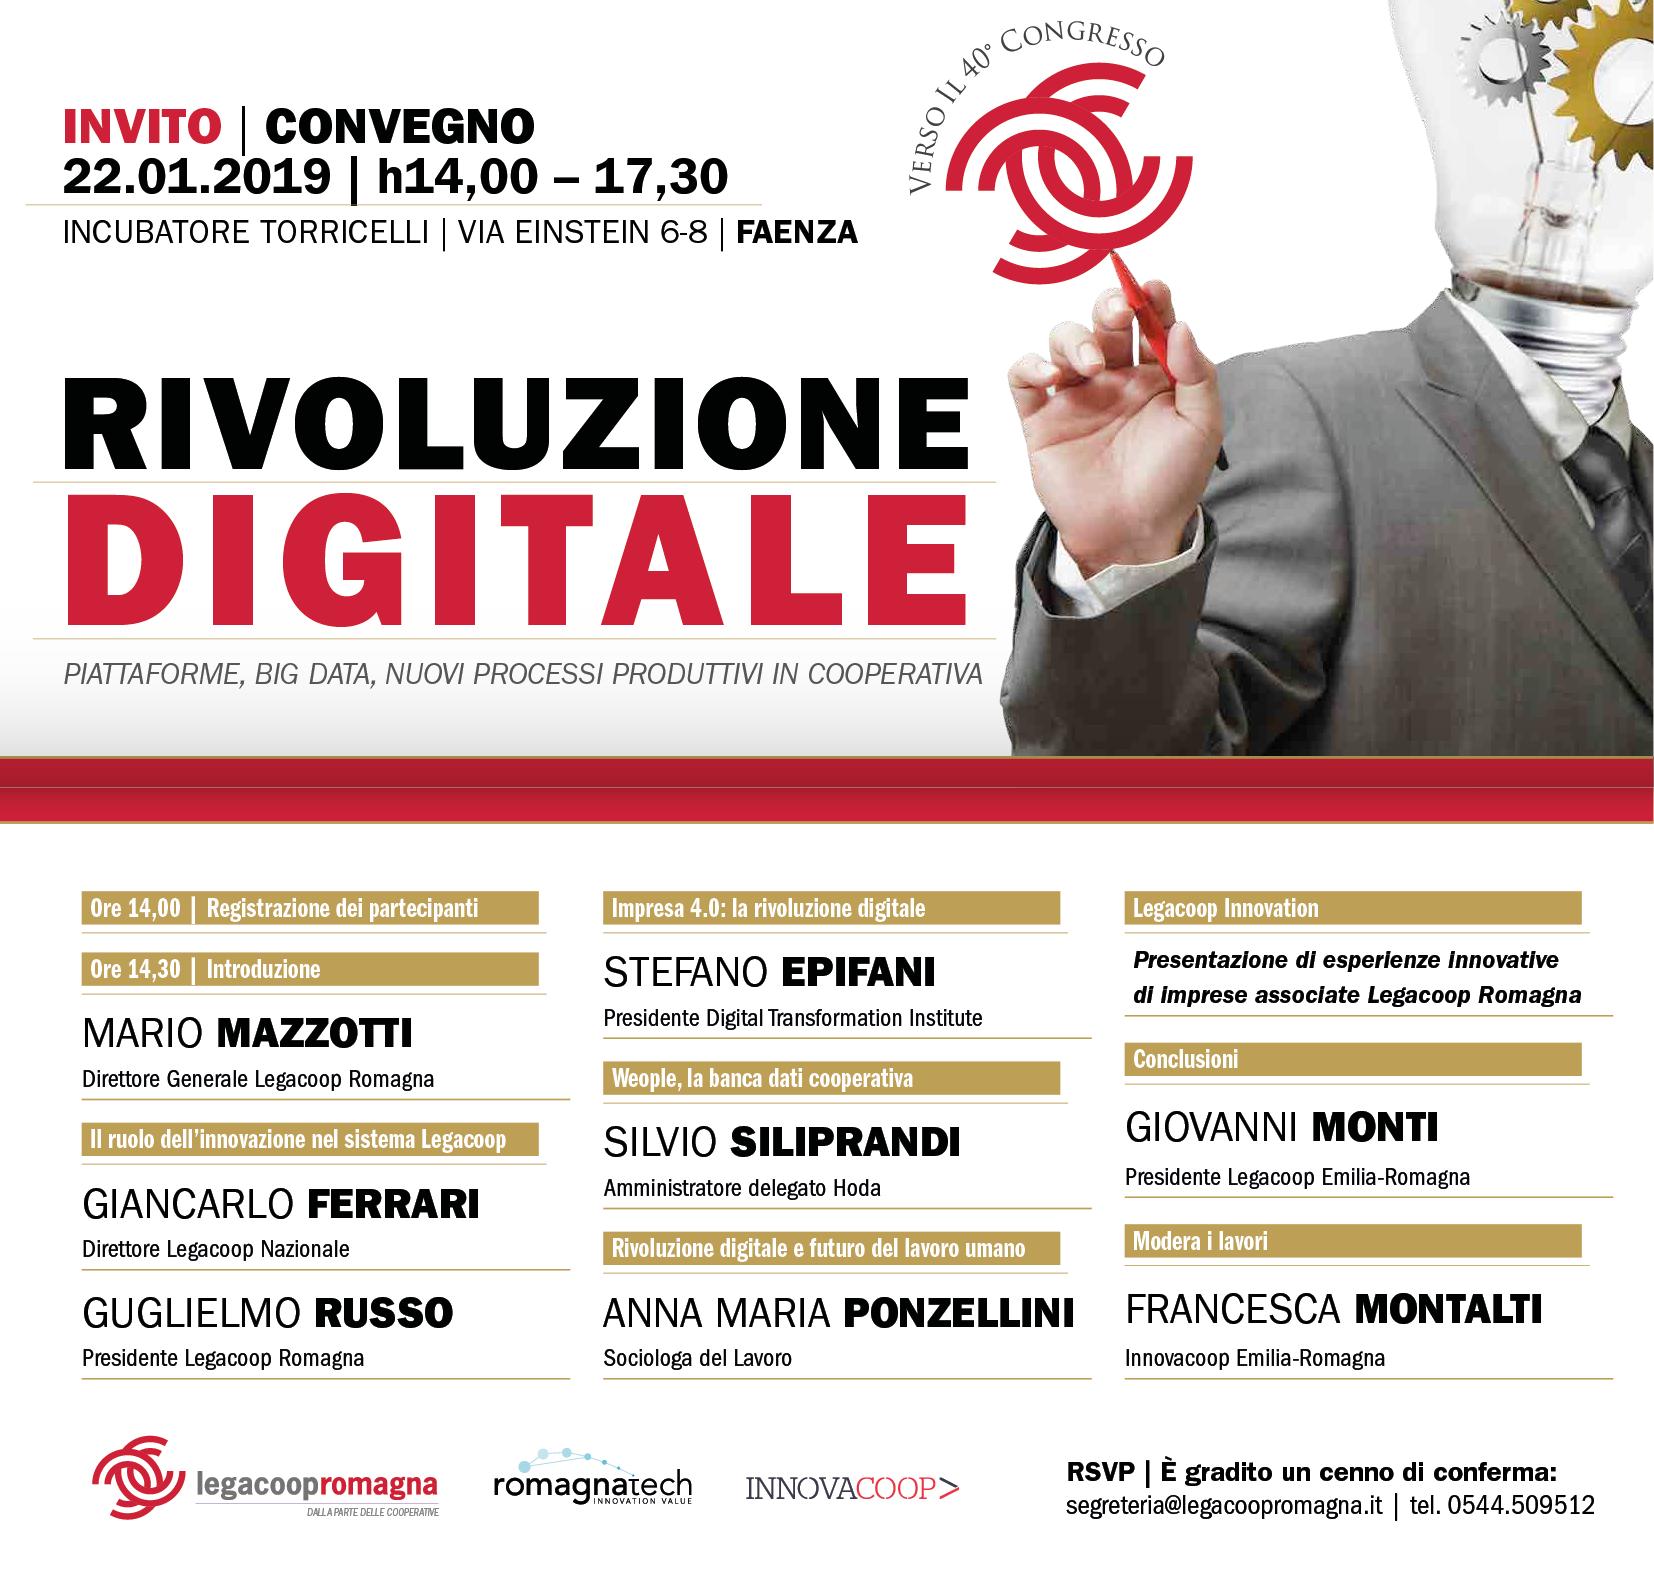 Rivoluzione digitale – seminario sull'innovazione il 22/1 a Faenza